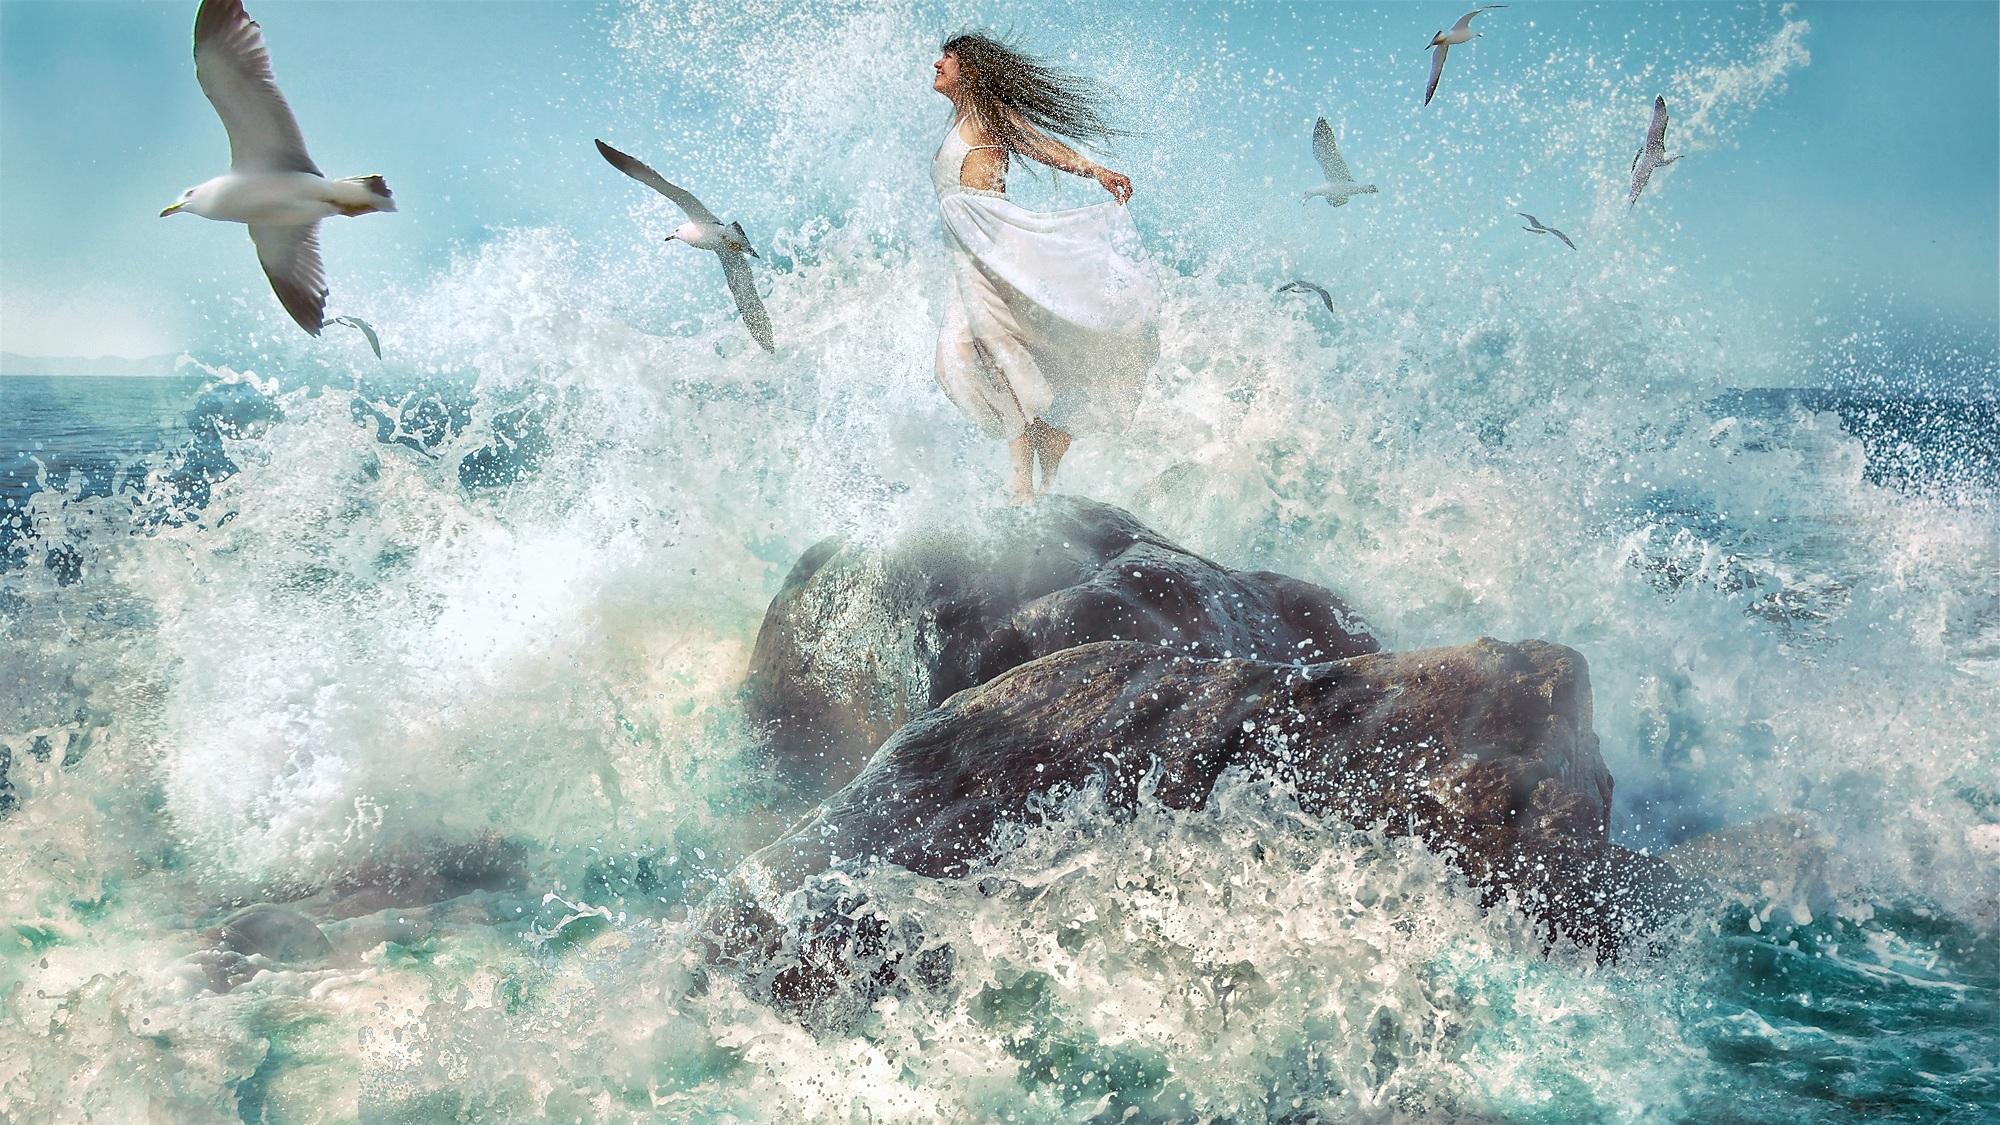 Gambar Lautan Wanita Gelombang Terbang Camar Bawah